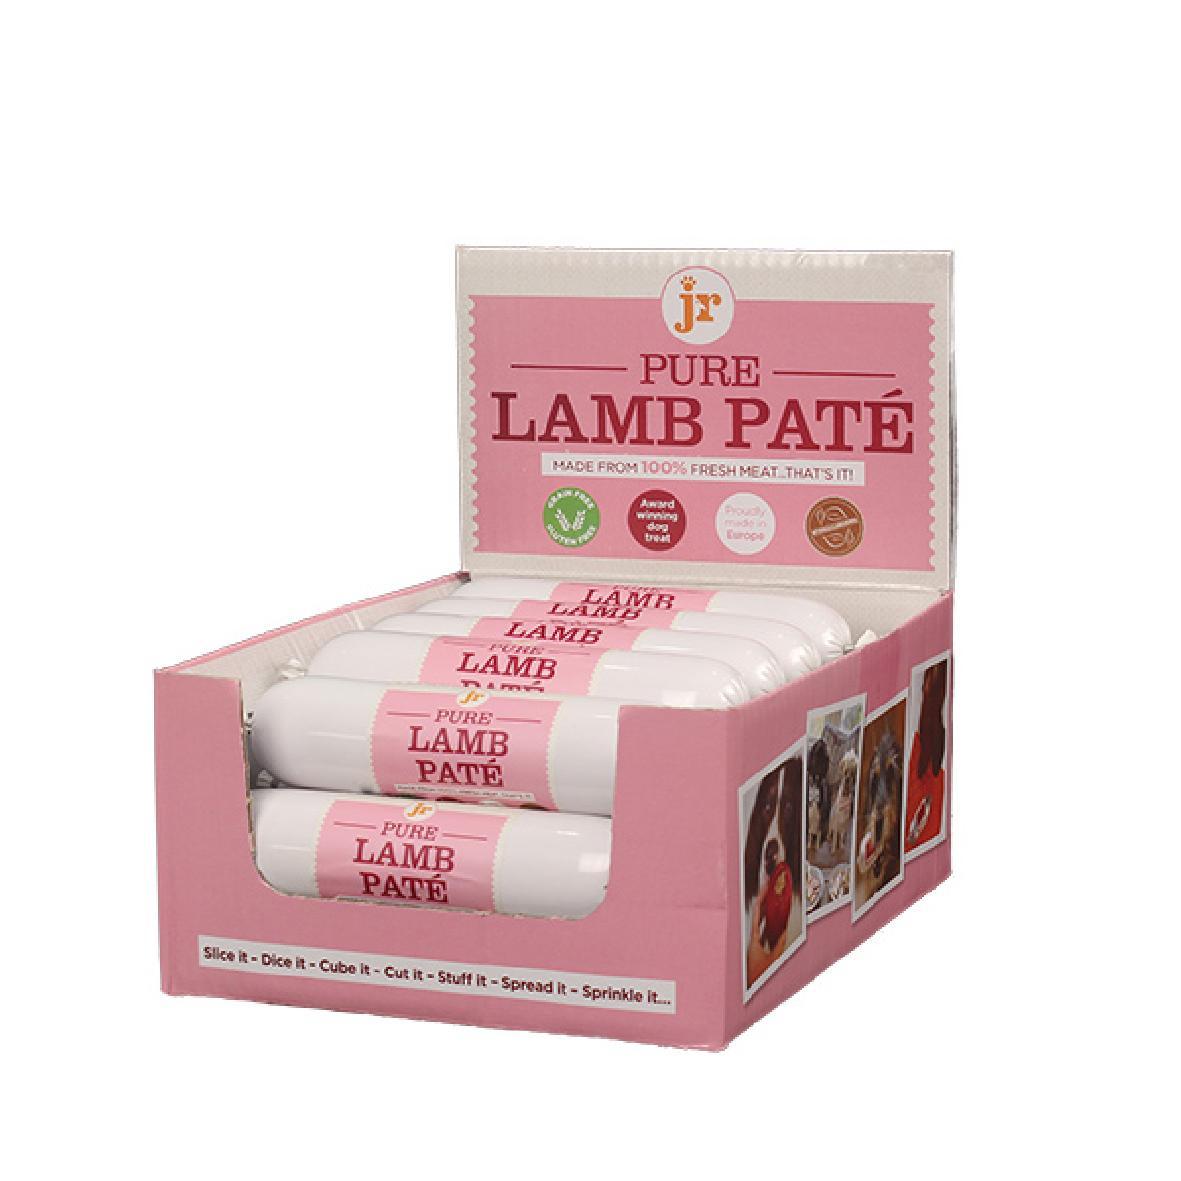 JR Pure Lamb Pate 200gm